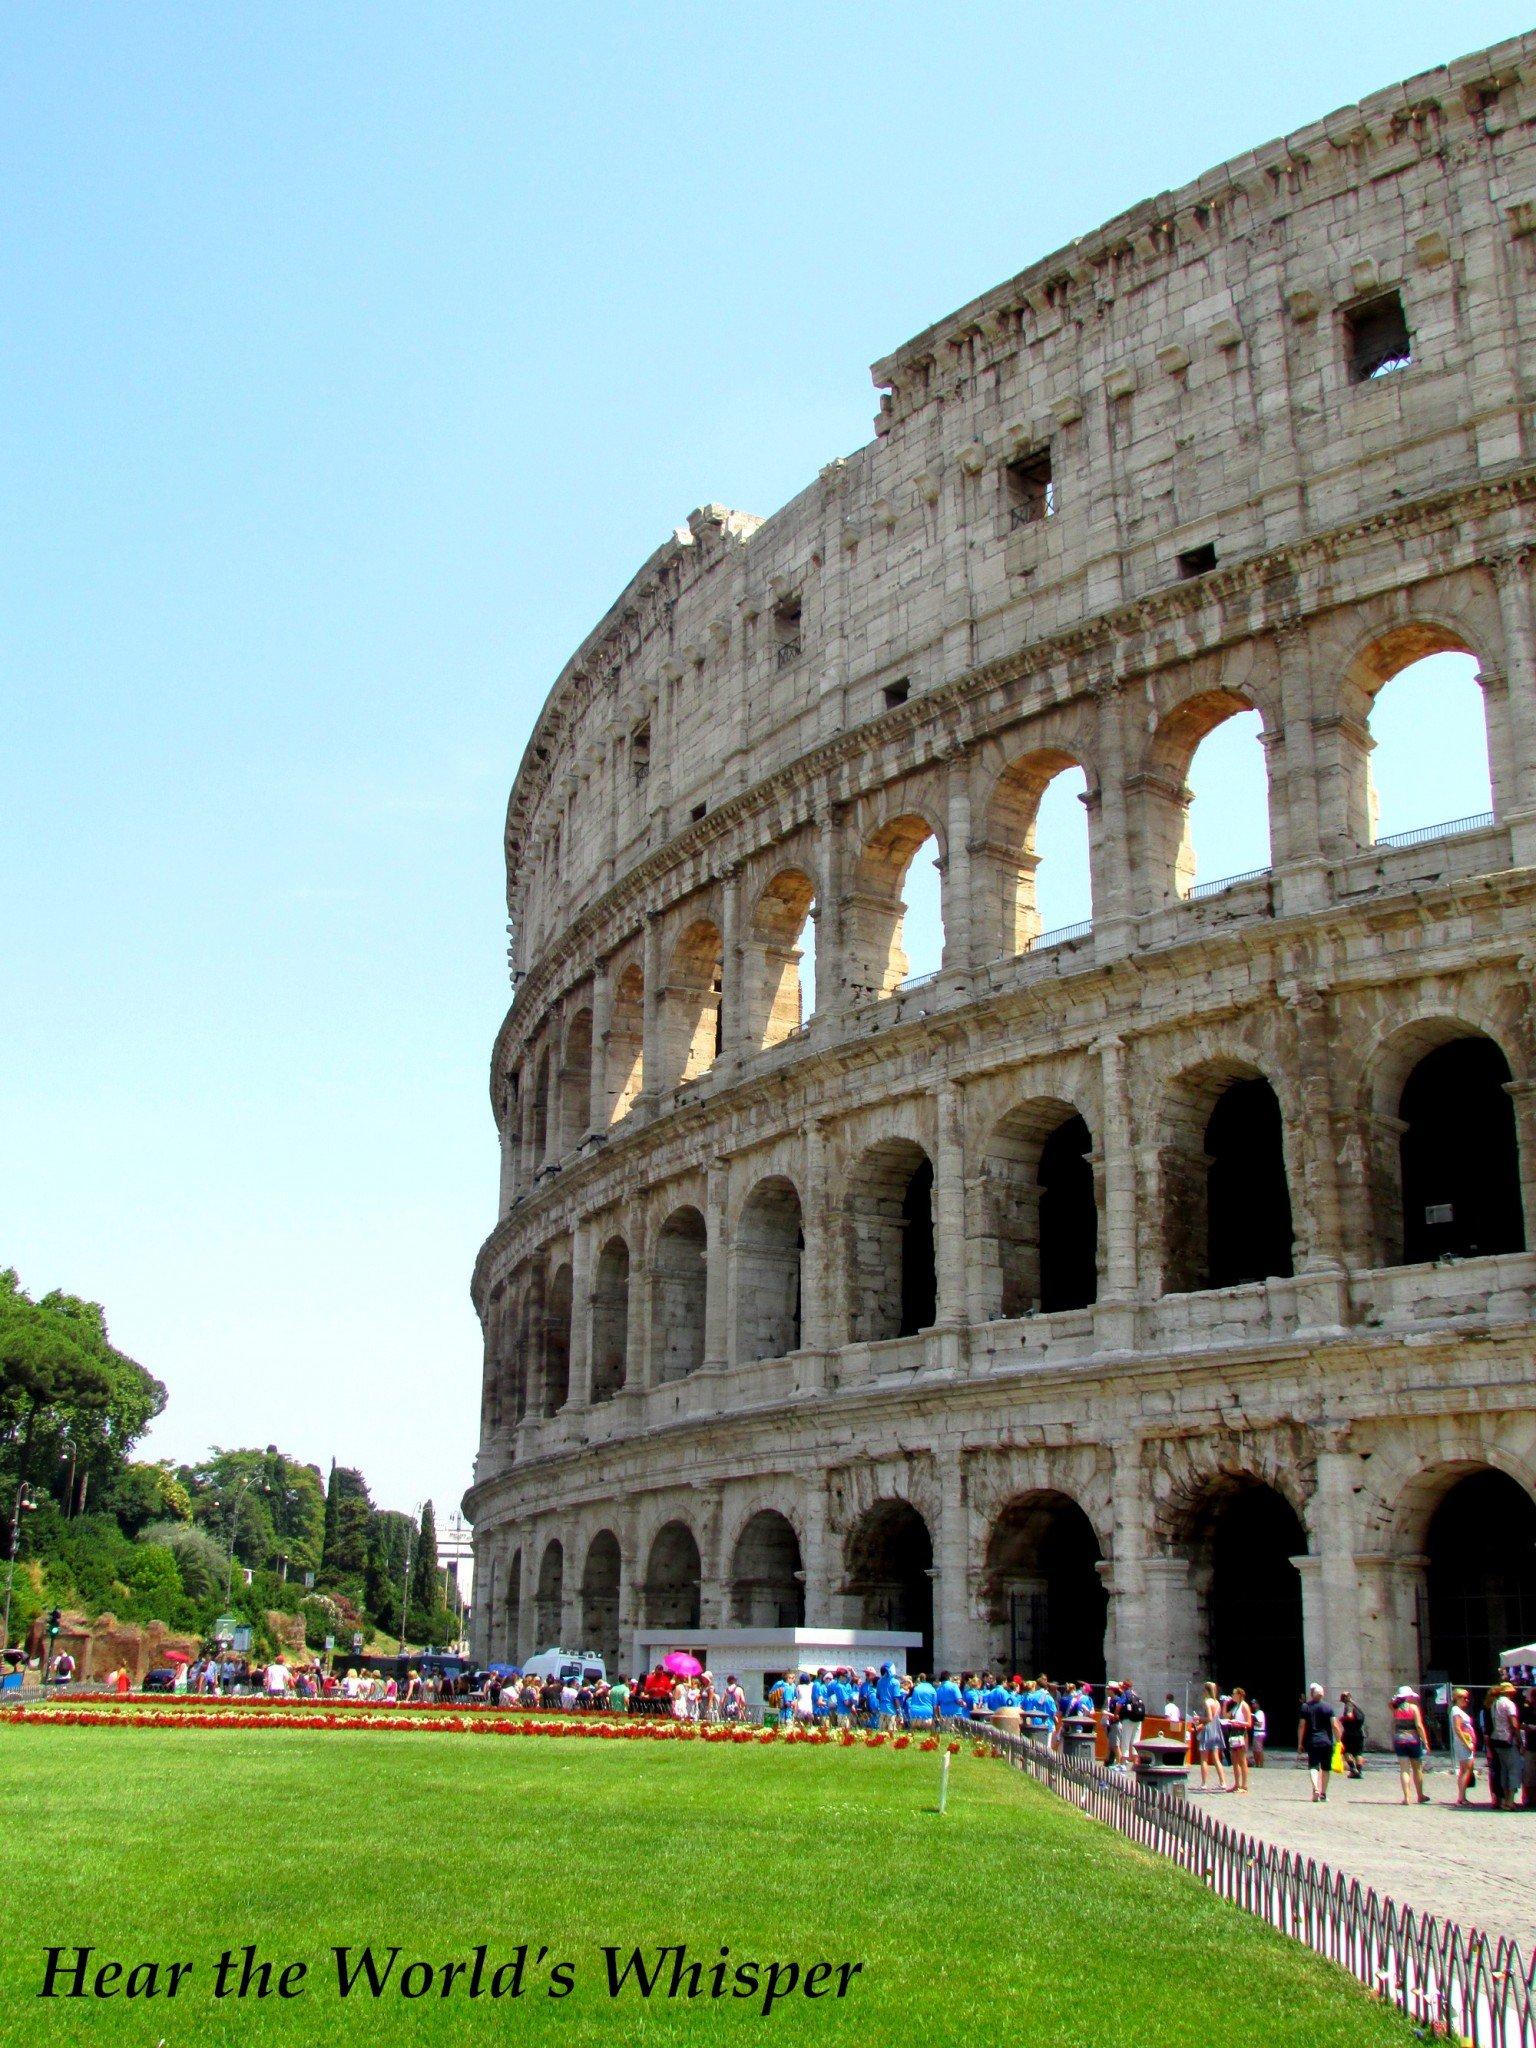 Rooma joulukuussa – ikuisen kaupungin kaunis joulu